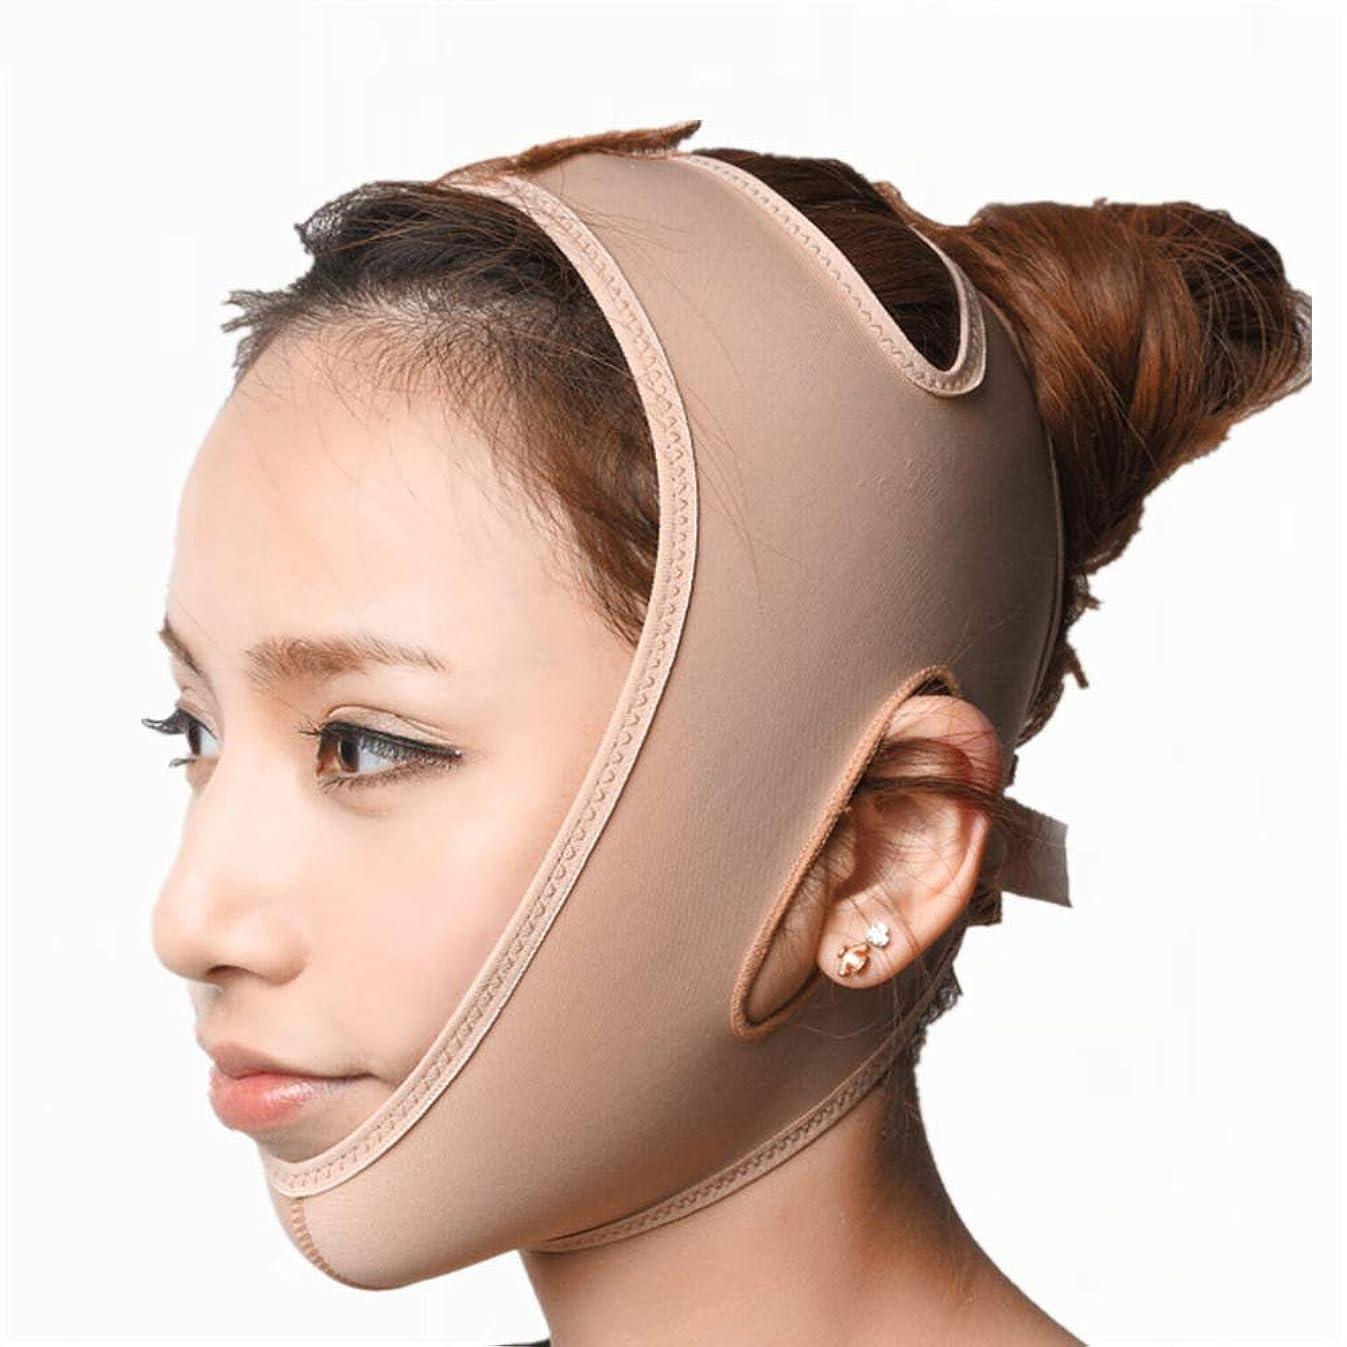 瞑想ホールインディカフェイスリフトベルト 薄い顔のベルト - 薄い顔のアーチファクトVの顔の包帯マスクの顔のマッサージャー薄いダブルの顎のデバイス